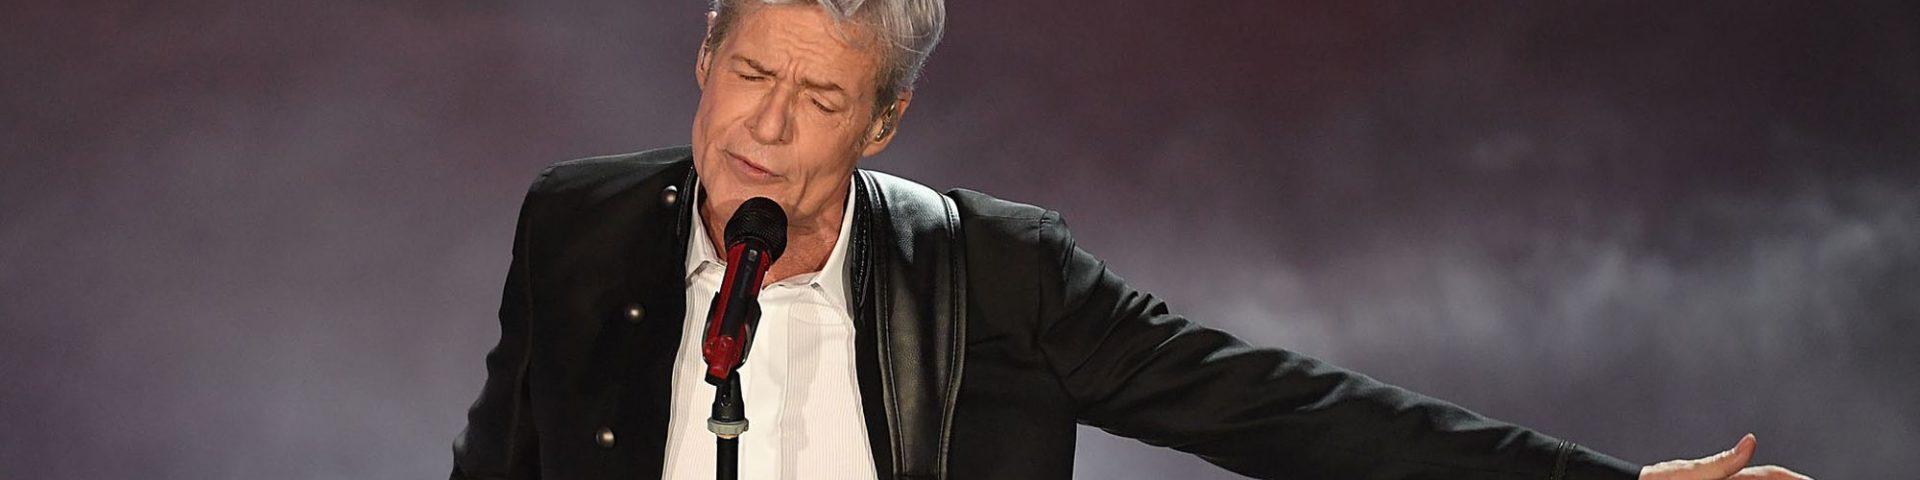 Sanremo Giovani 2018, le Audizioni a Roma: come ascoltare i brani